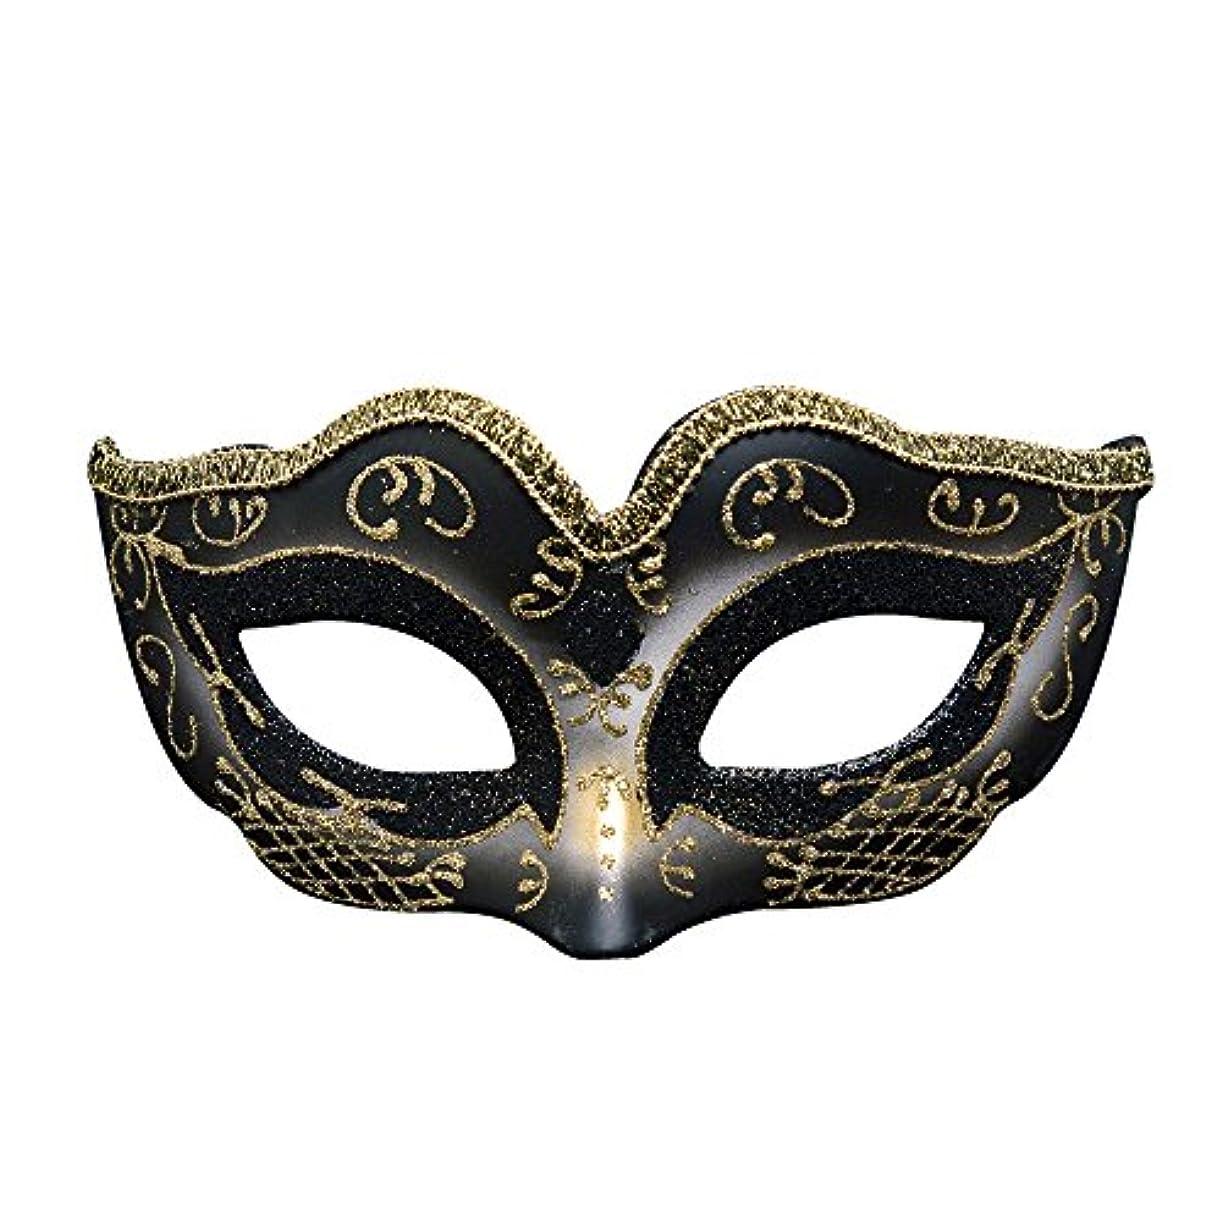 行動財政引っ張るクリエイティブカスタム子供のなりすましパーティーハロウィーンマスククリスマス雰囲気マスク (Color : G)